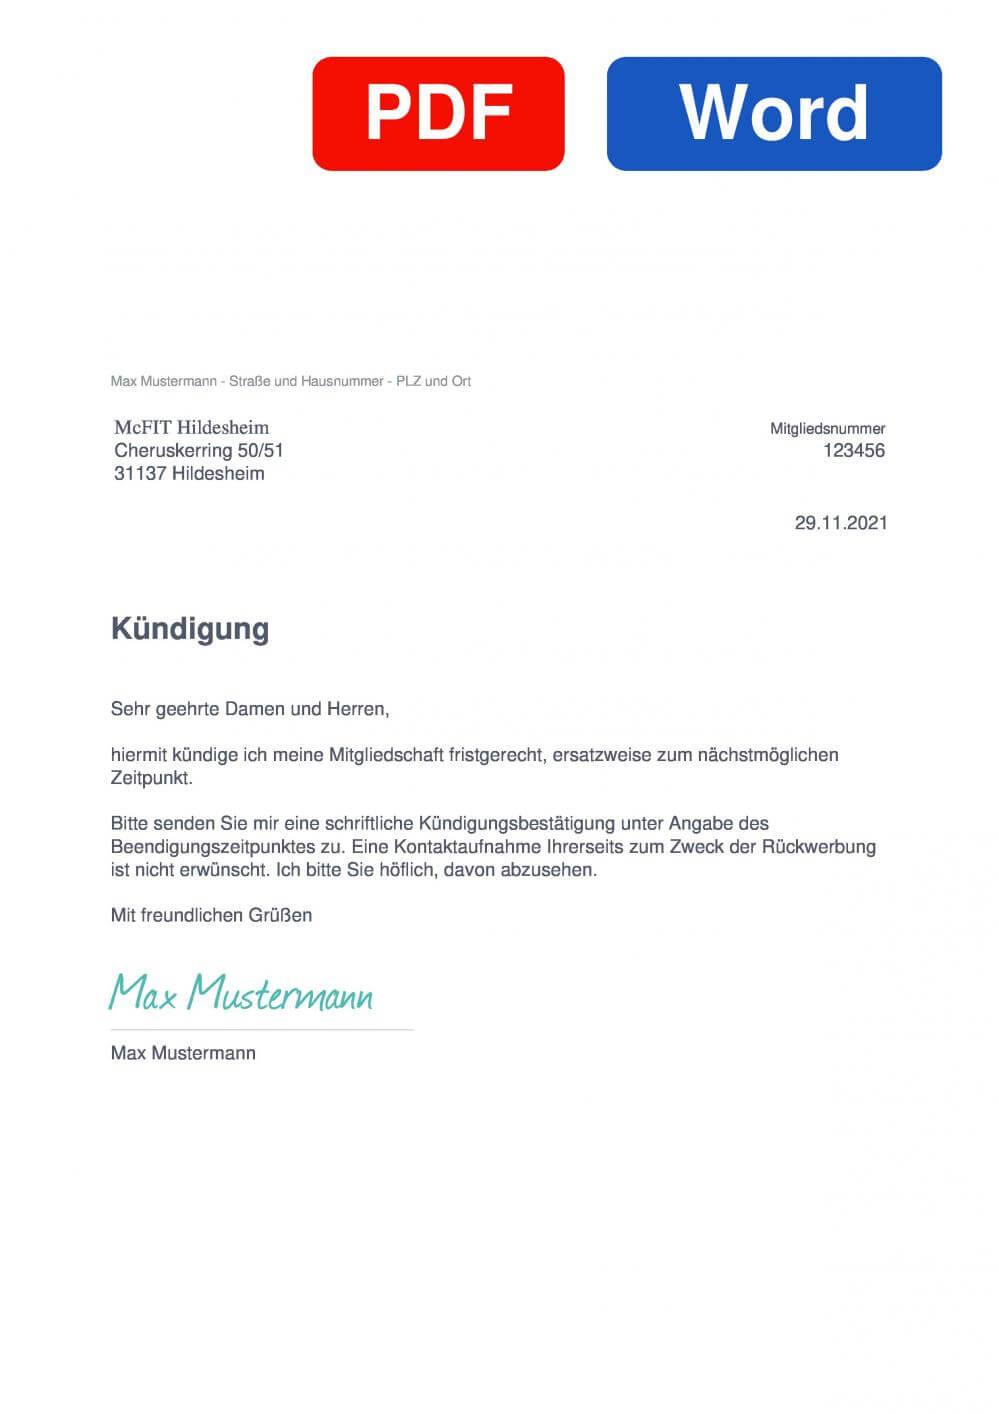 McFIT Hildesheim Muster Vorlage für Kündigungsschreiben